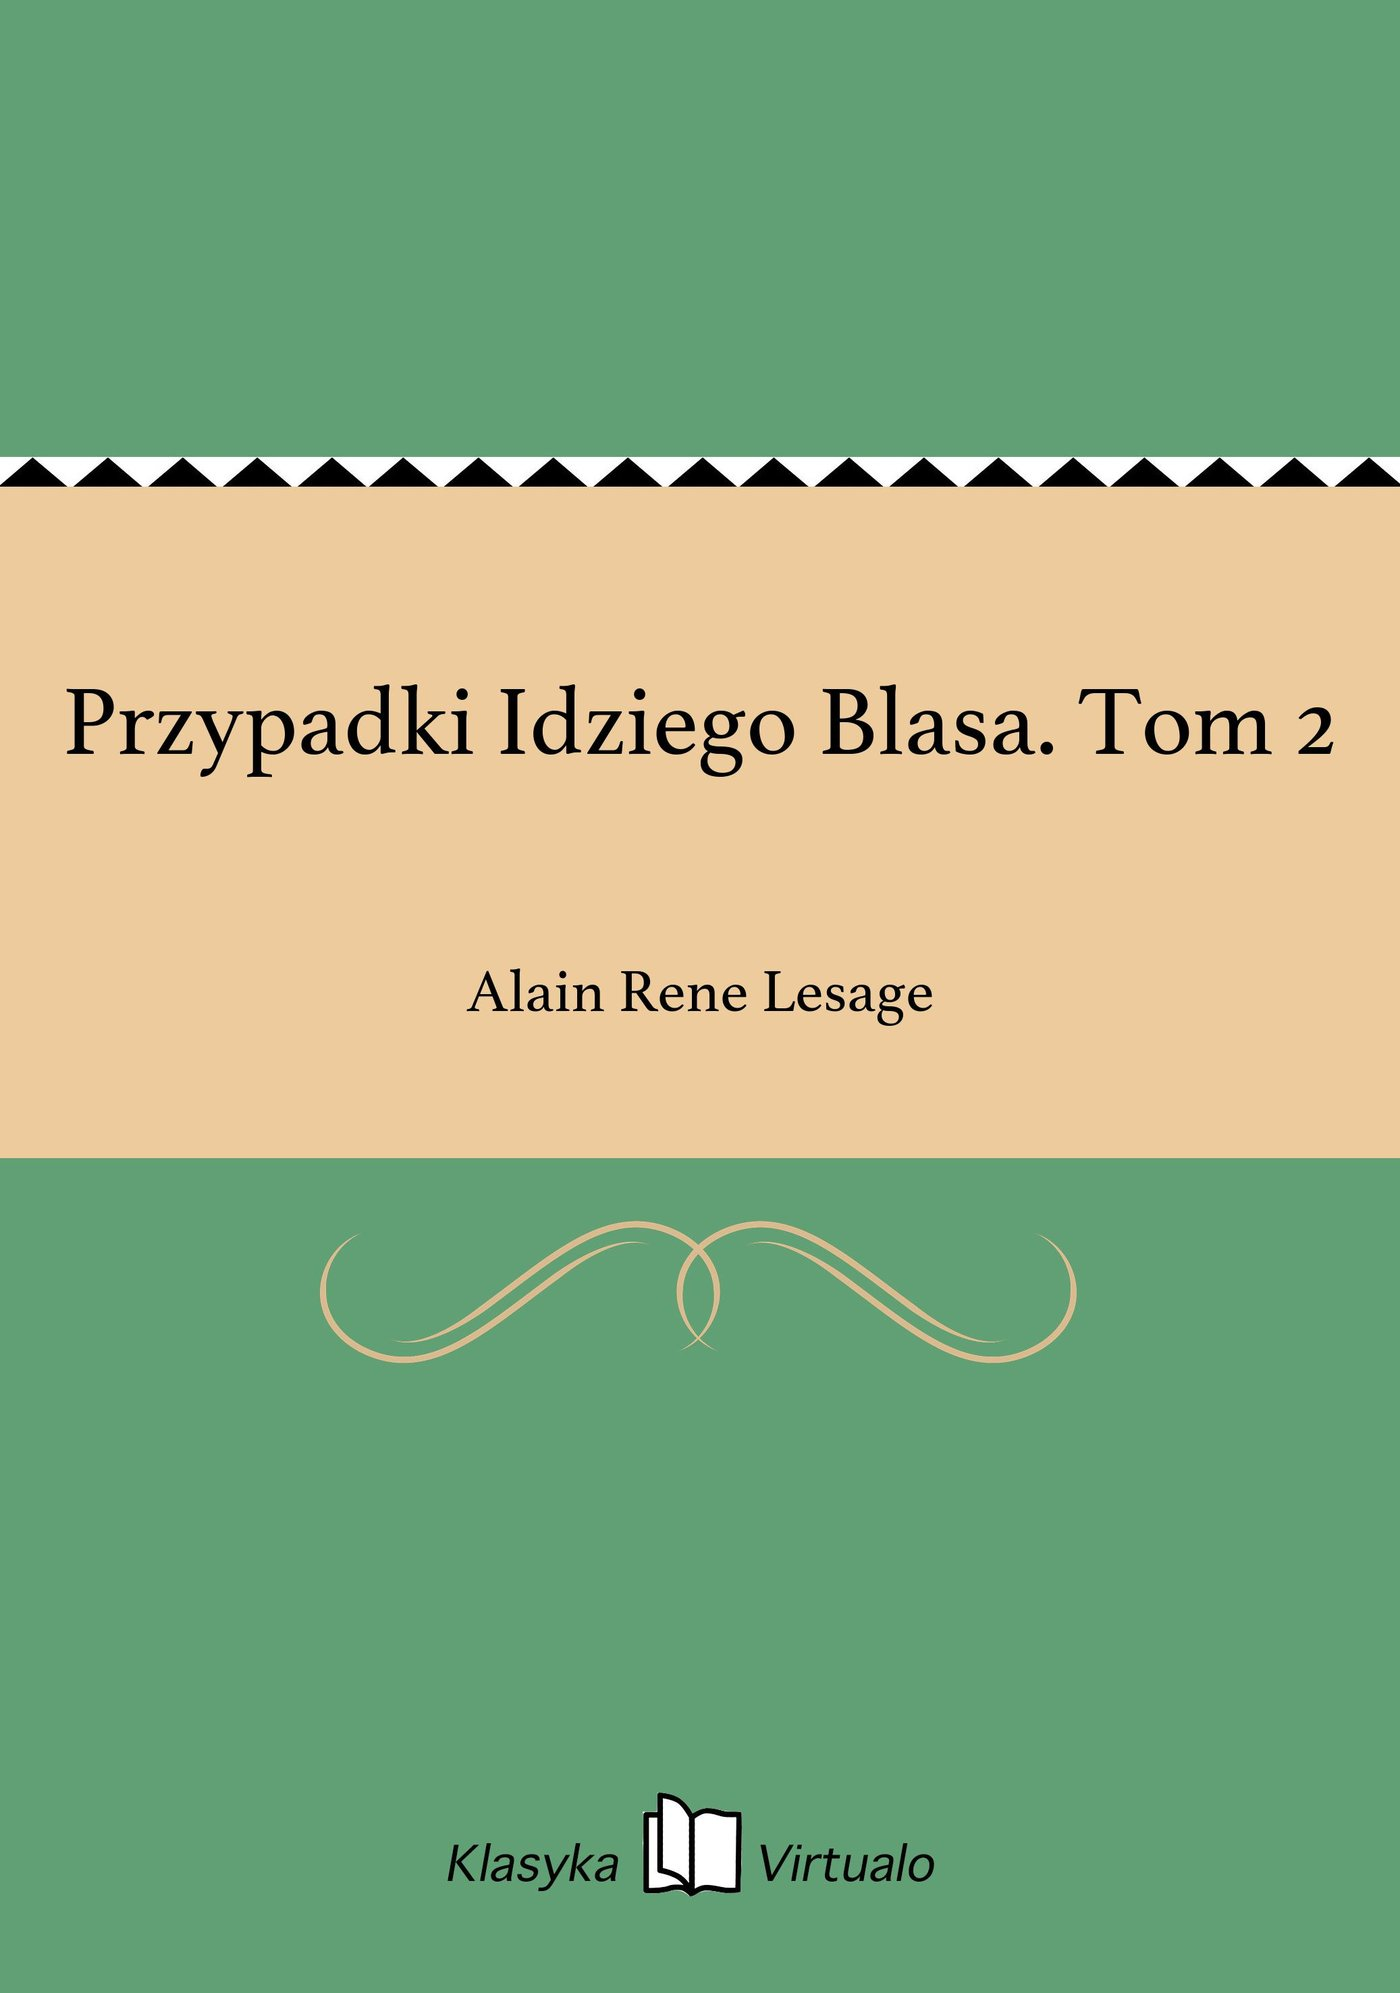 Przypadki Idziego Blasa. Tom 2 - Ebook (Książka na Kindle) do pobrania w formacie MOBI